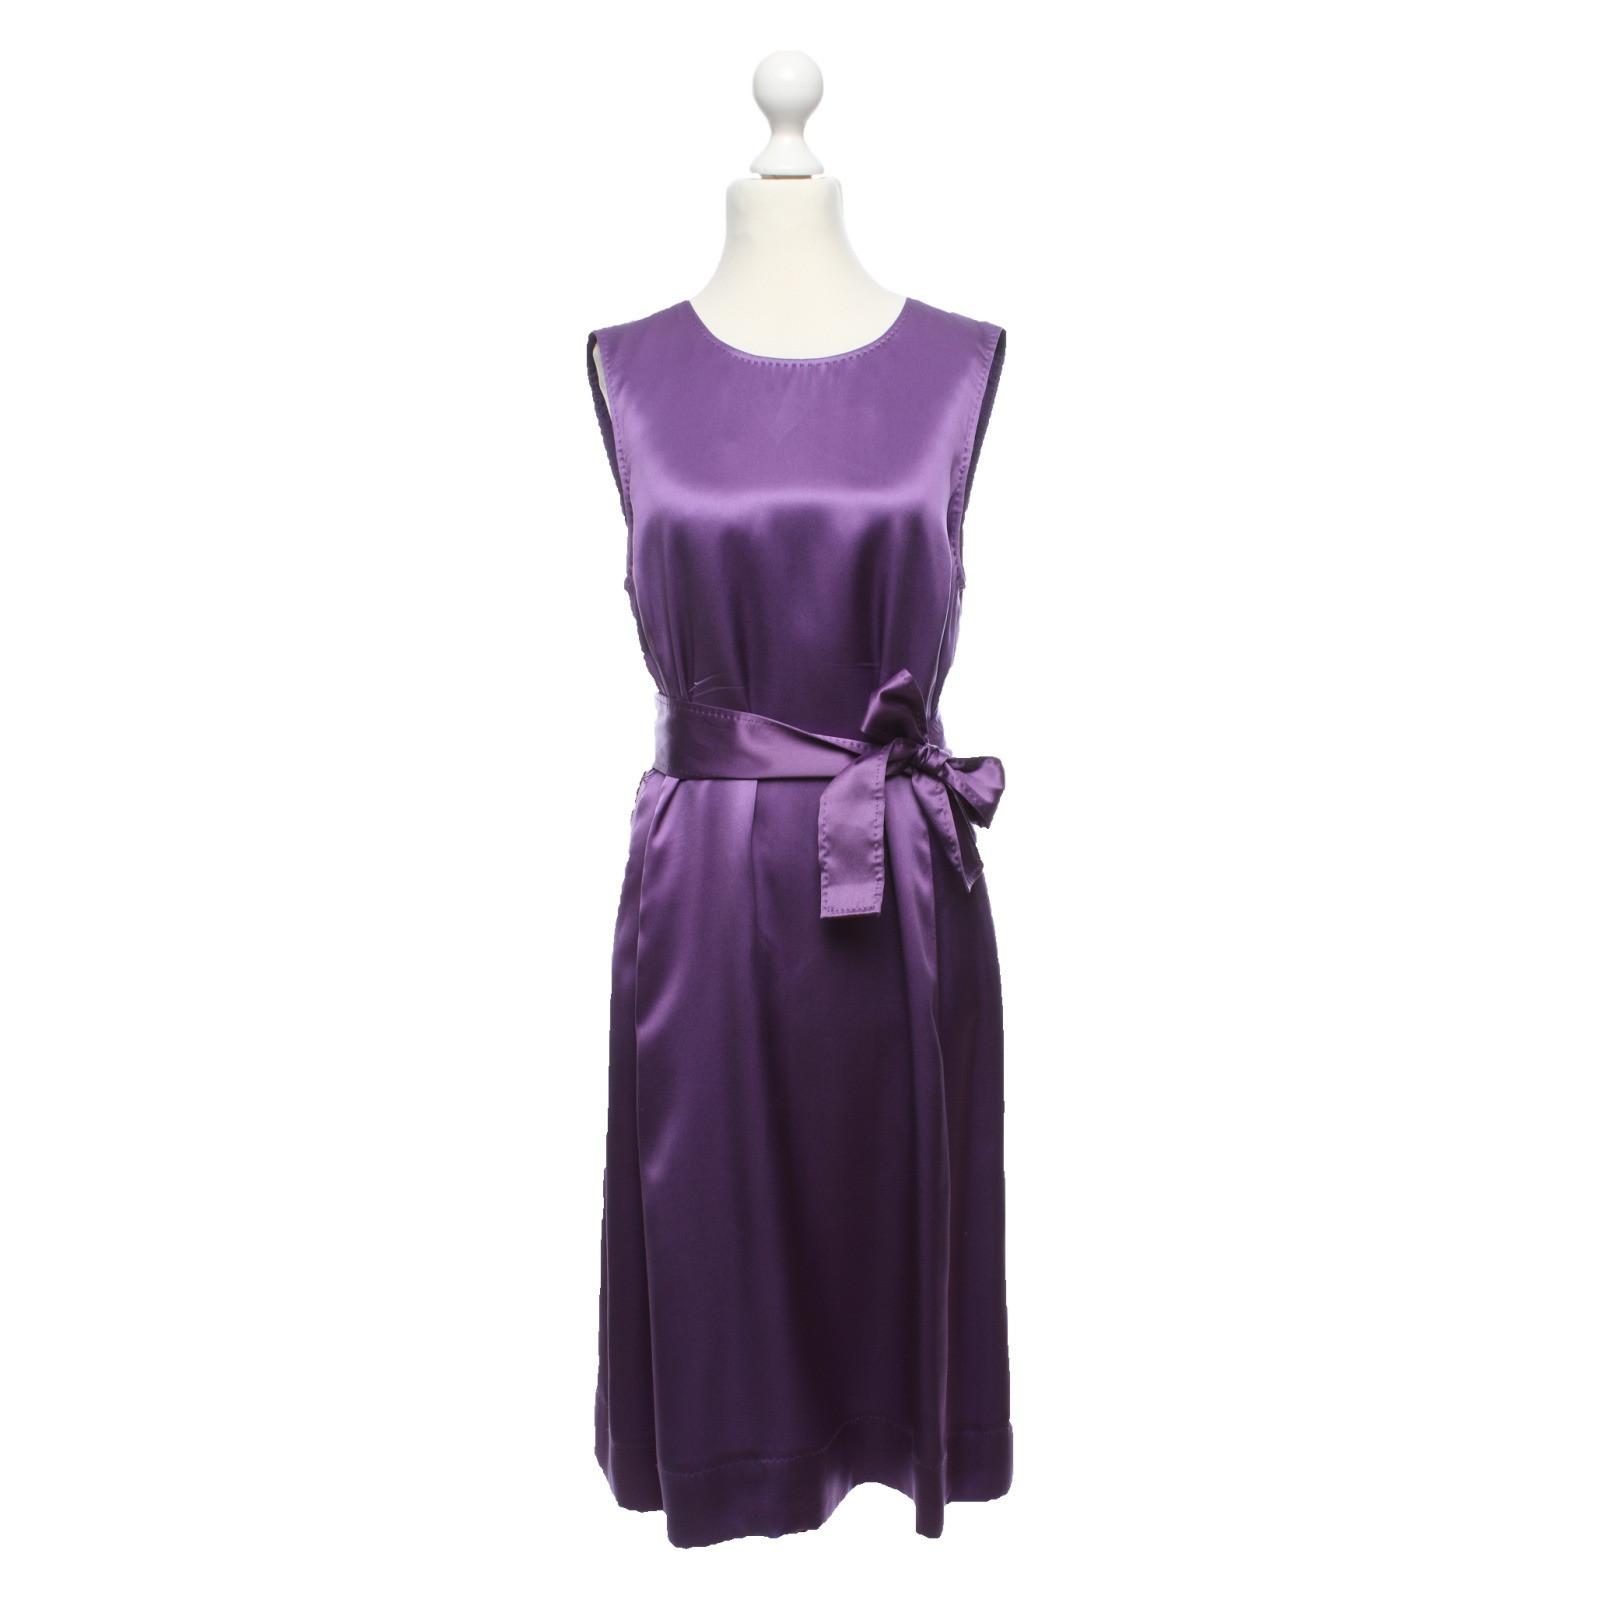 Hugo Boss Kleid in Violett - Second Hand Hugo Boss Kleid in